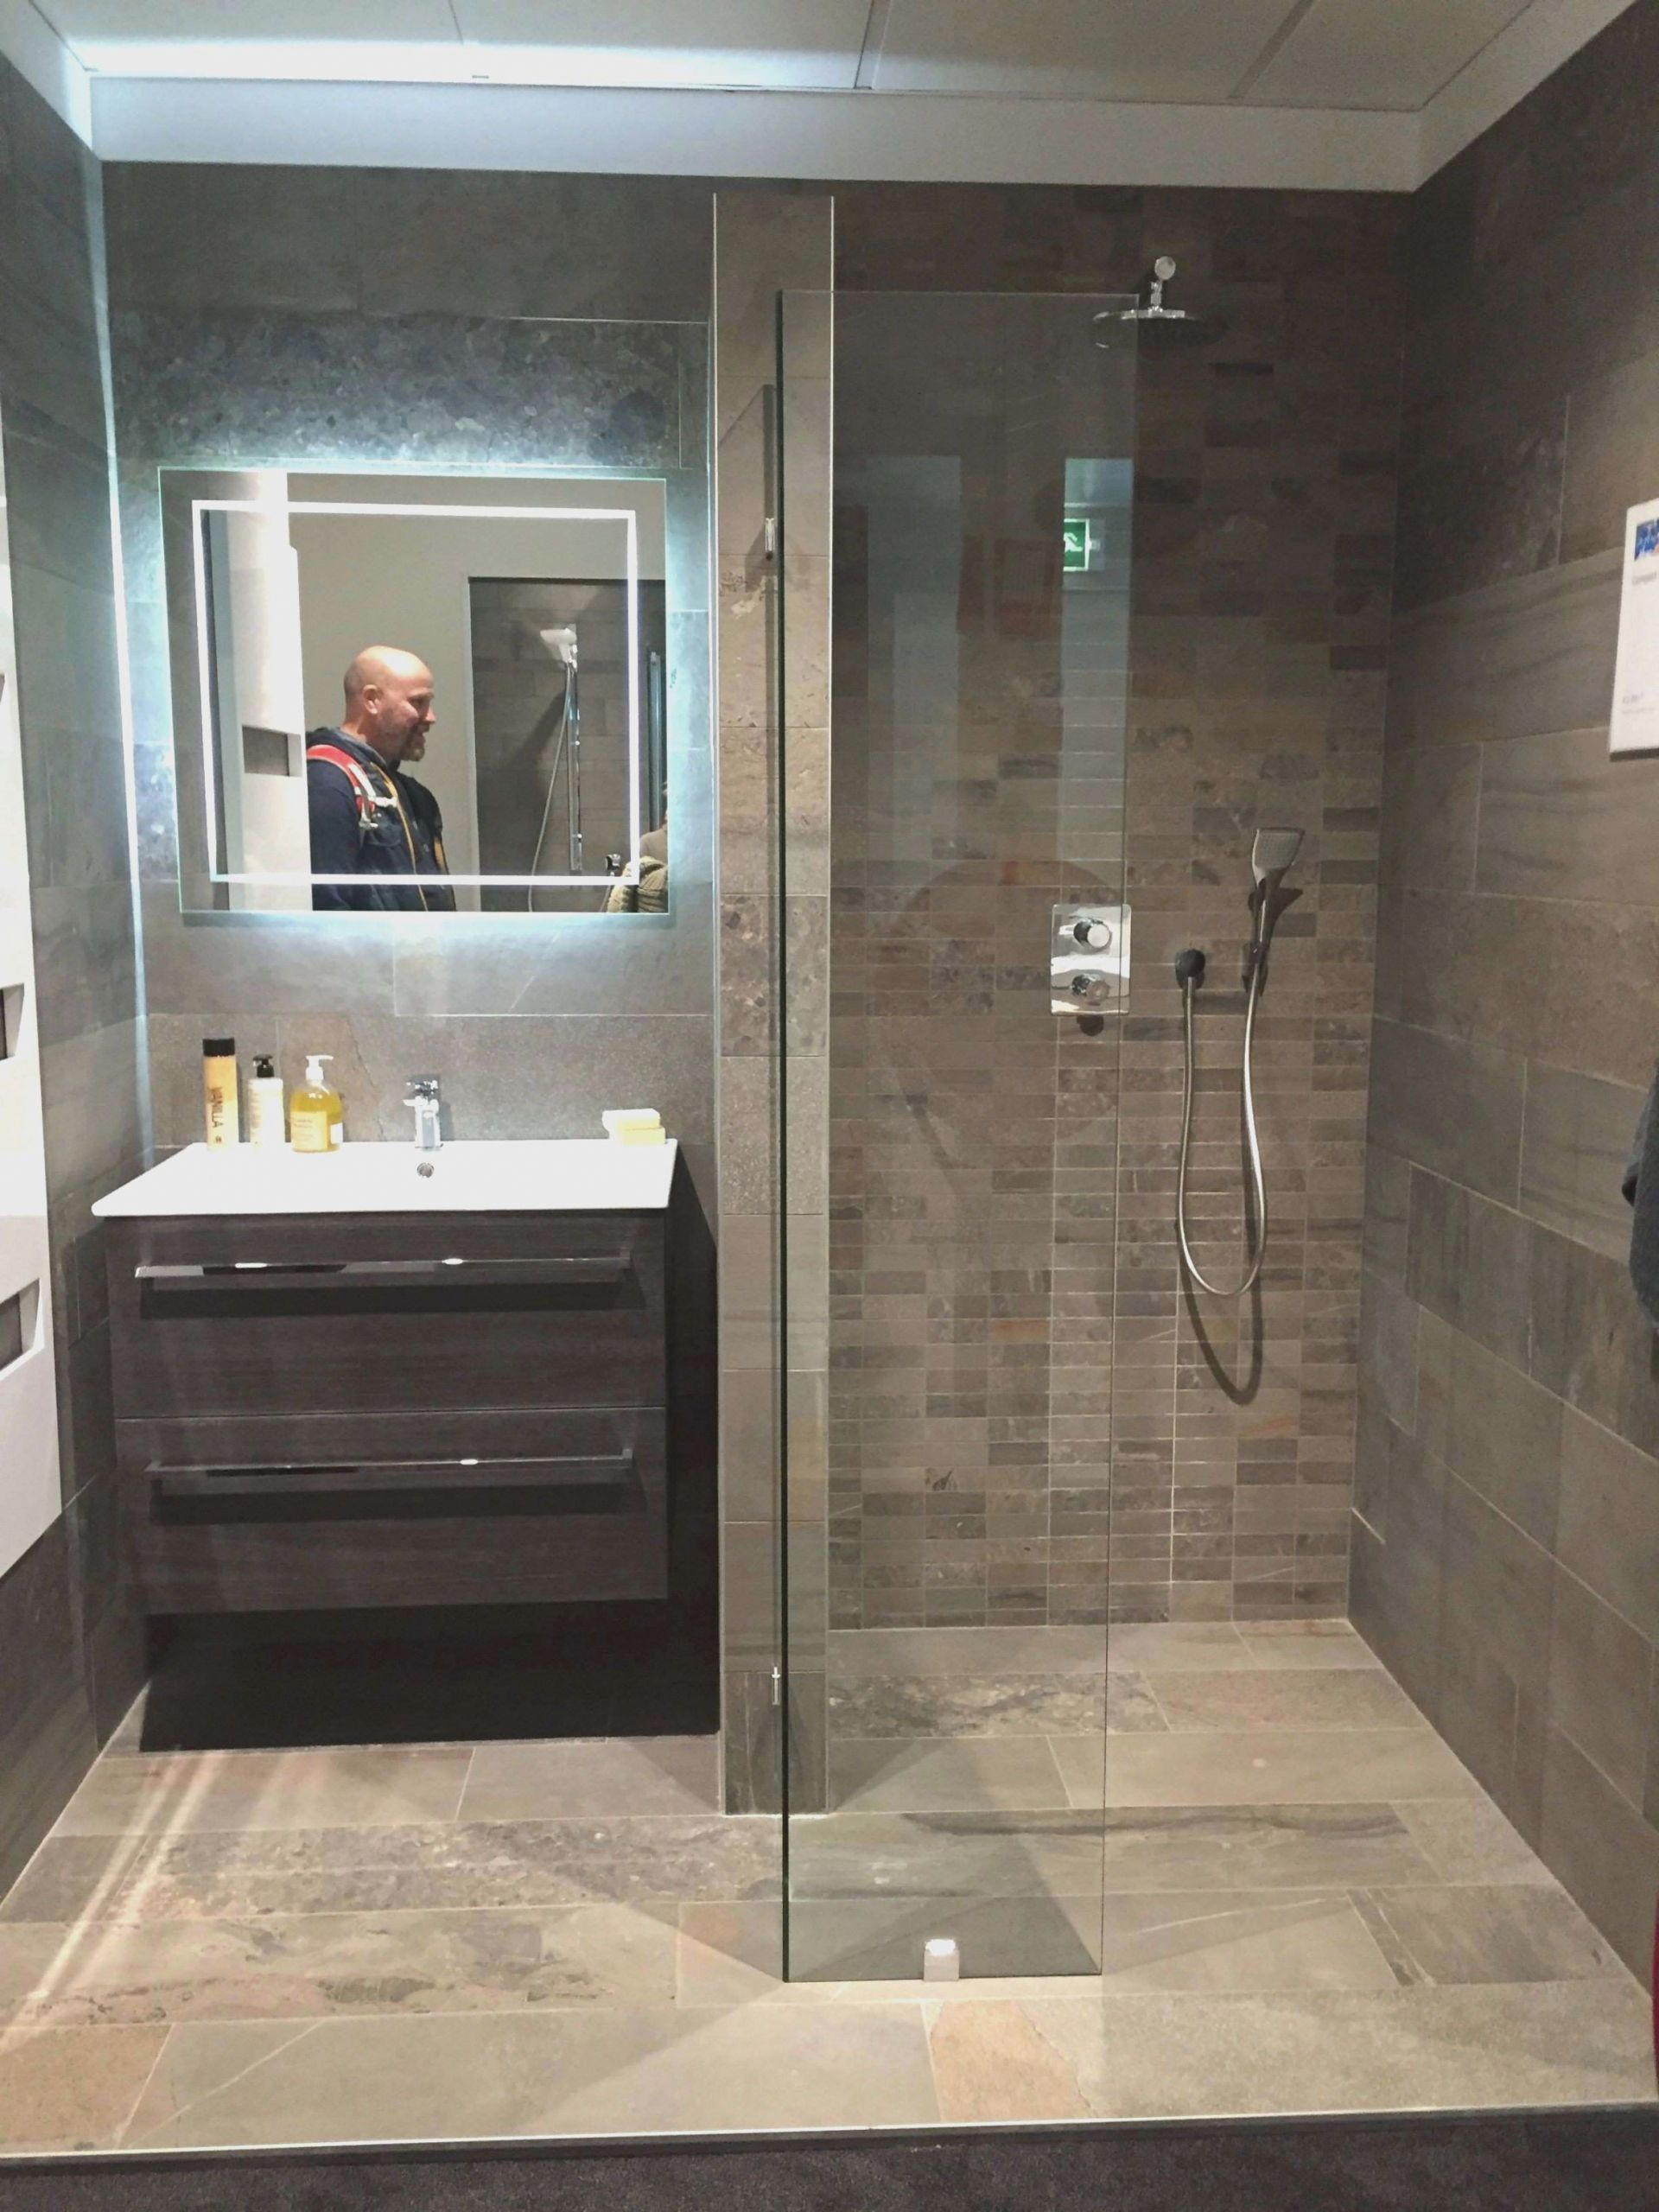 Full Size of Badewannenumbau Zur Dusche Kosten Glaswand Neue Fenster Unterputz Armatur Bodengleiche Duschen Bad Sanieren Nischentür Ebenerdige 80x80 Barrierefreie Dusche Ebenerdige Dusche Kosten